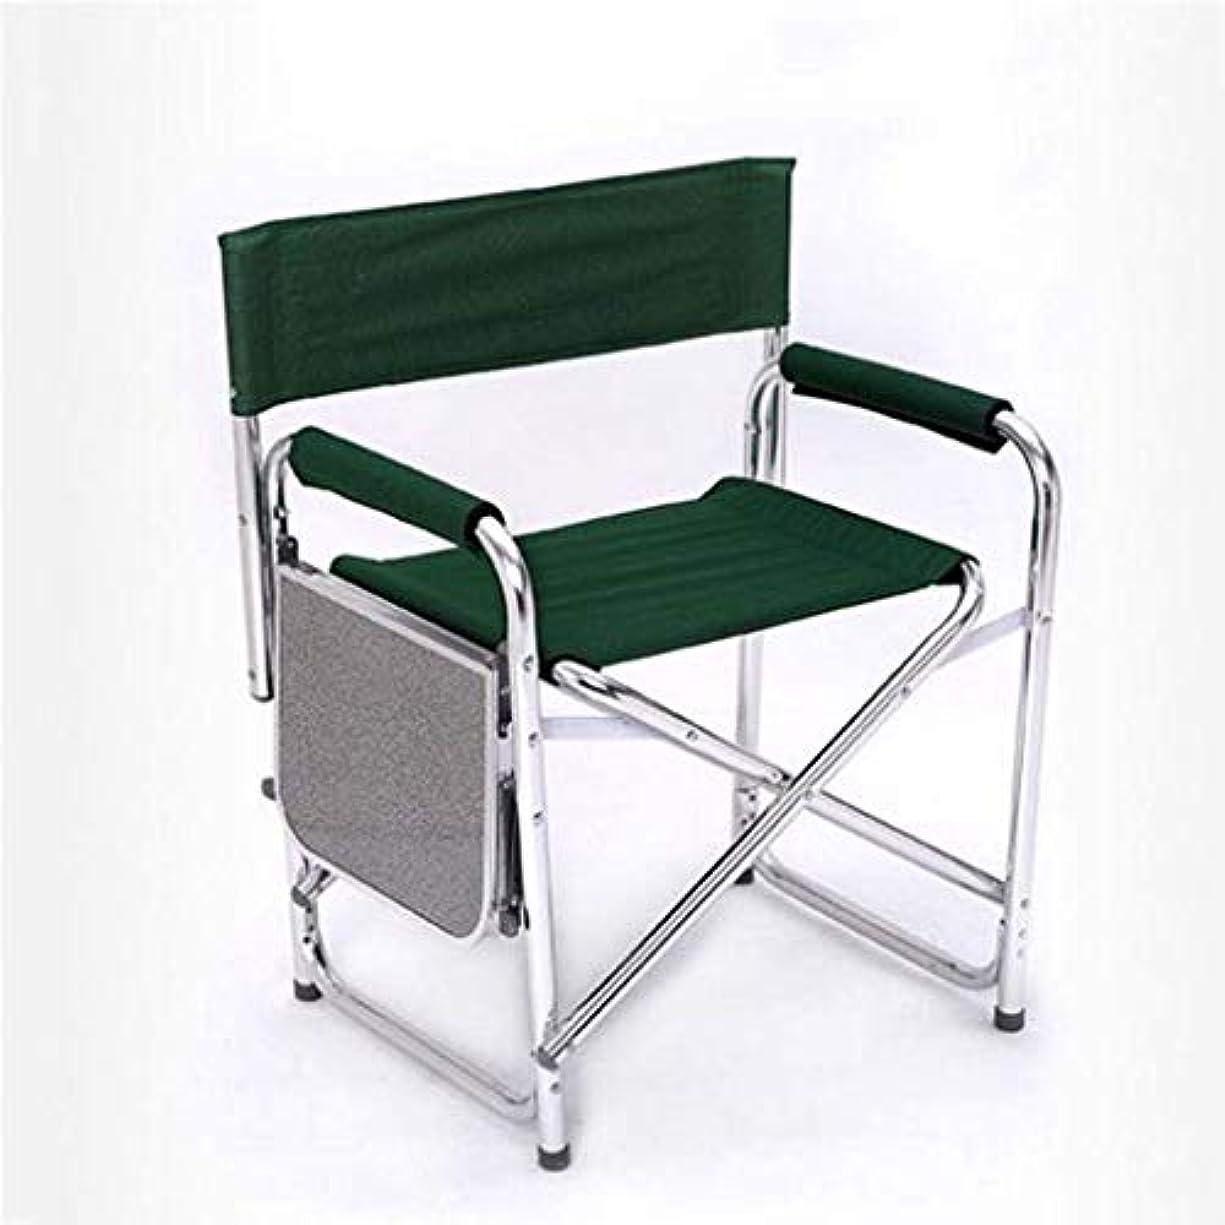 広範囲ドット時系列アウトドアポータブル折りたたみ椅子キャンプスツール背もたれ手すりコーヒーテーブルシンプルレジャー娯楽ピクニック旅行釣り登山バーベキュー公園アドベンチャービーチグリーン